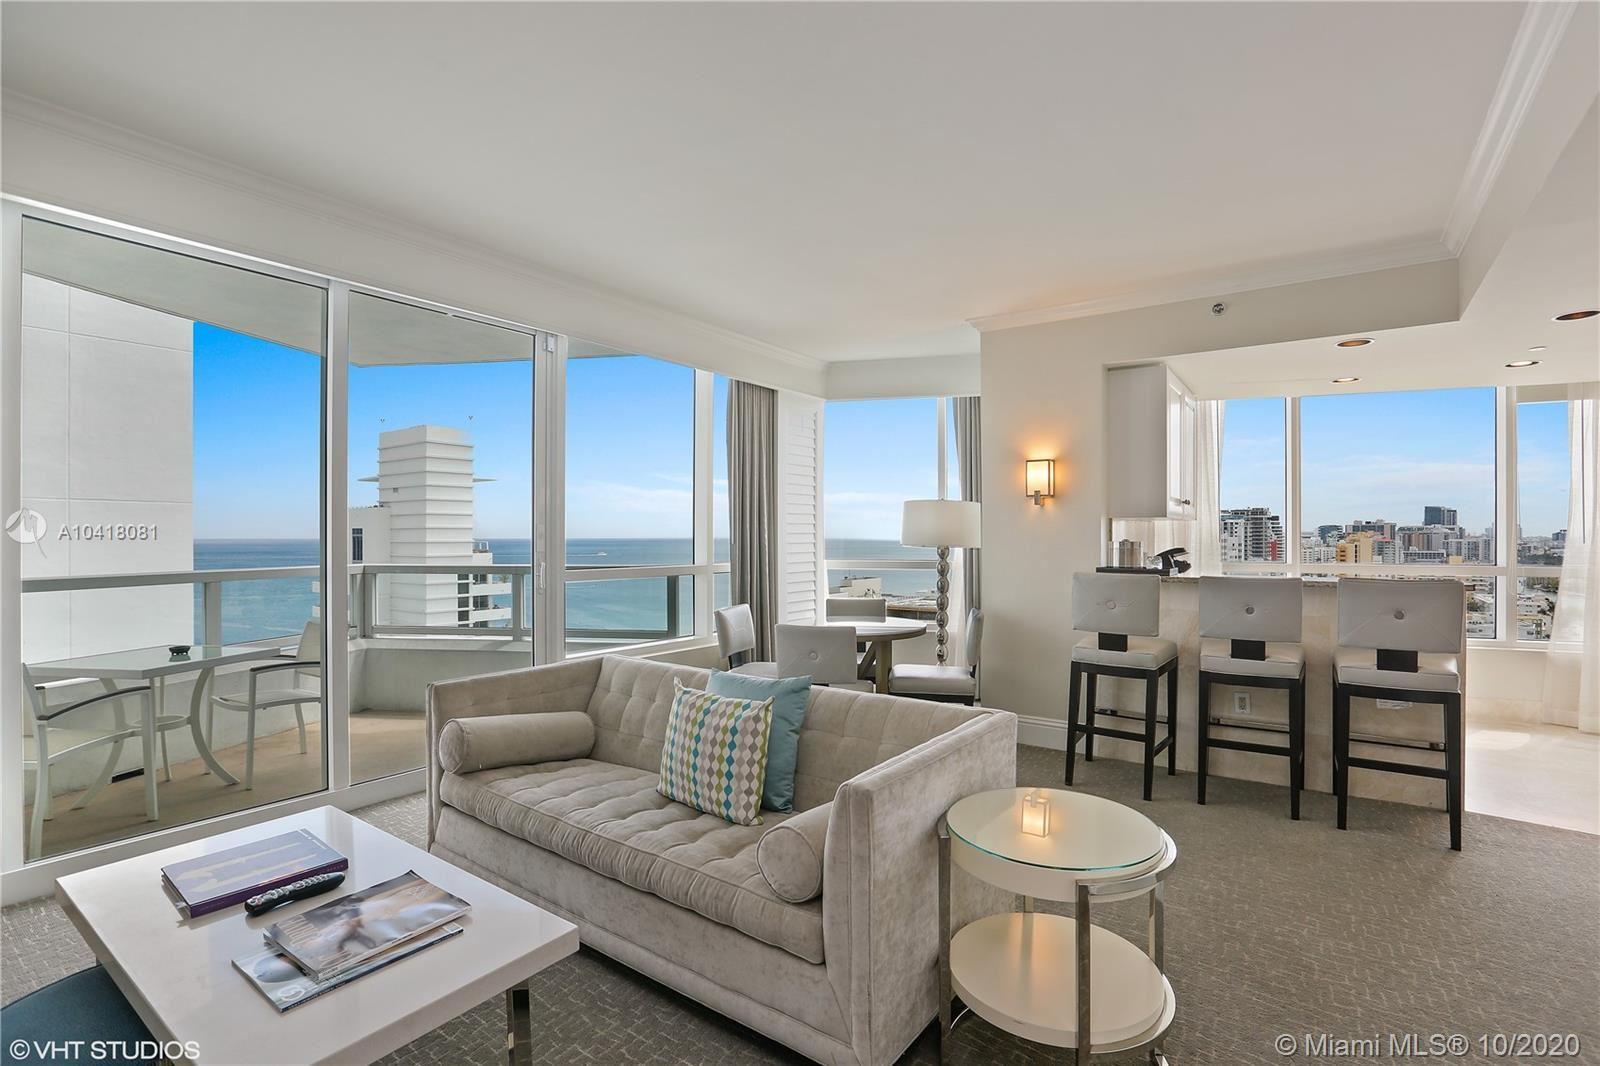 4401 COLLINS AVE #1604, Miami Beach, FL 33140 - #: A10418081